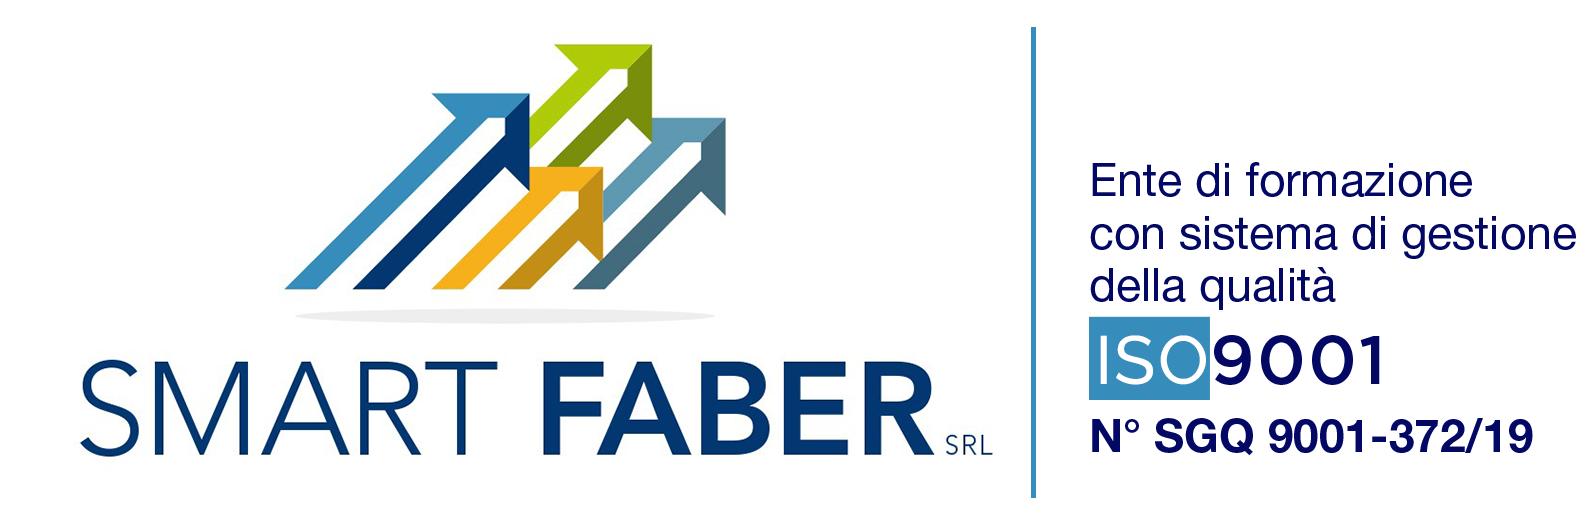 Smart Faber Formazione professionale